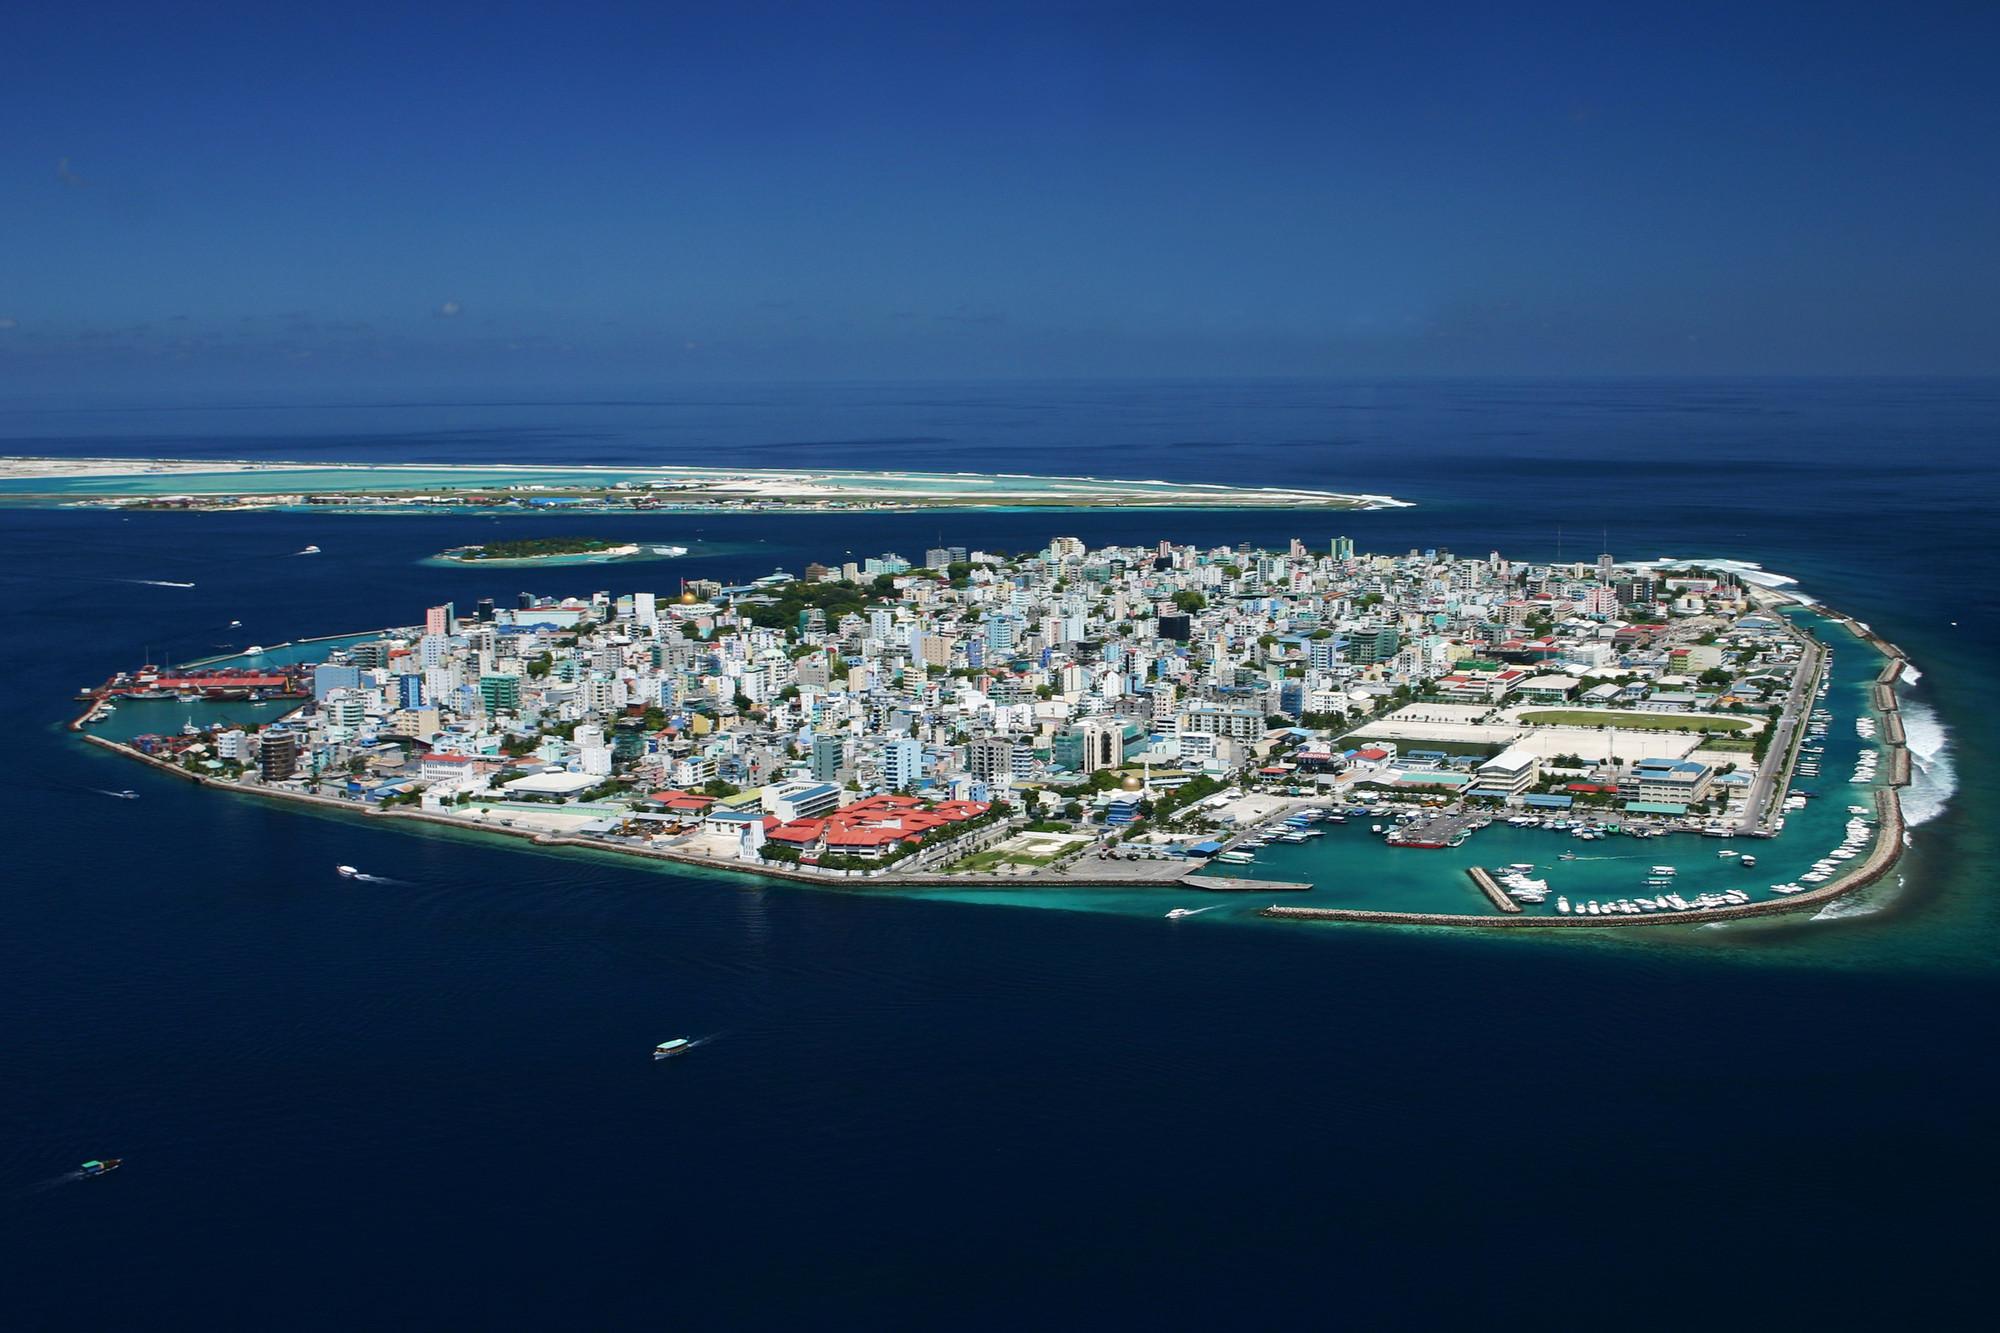 Una vista aerea de la actual isla capital, Malé. Imagen © Shahee Ilyas